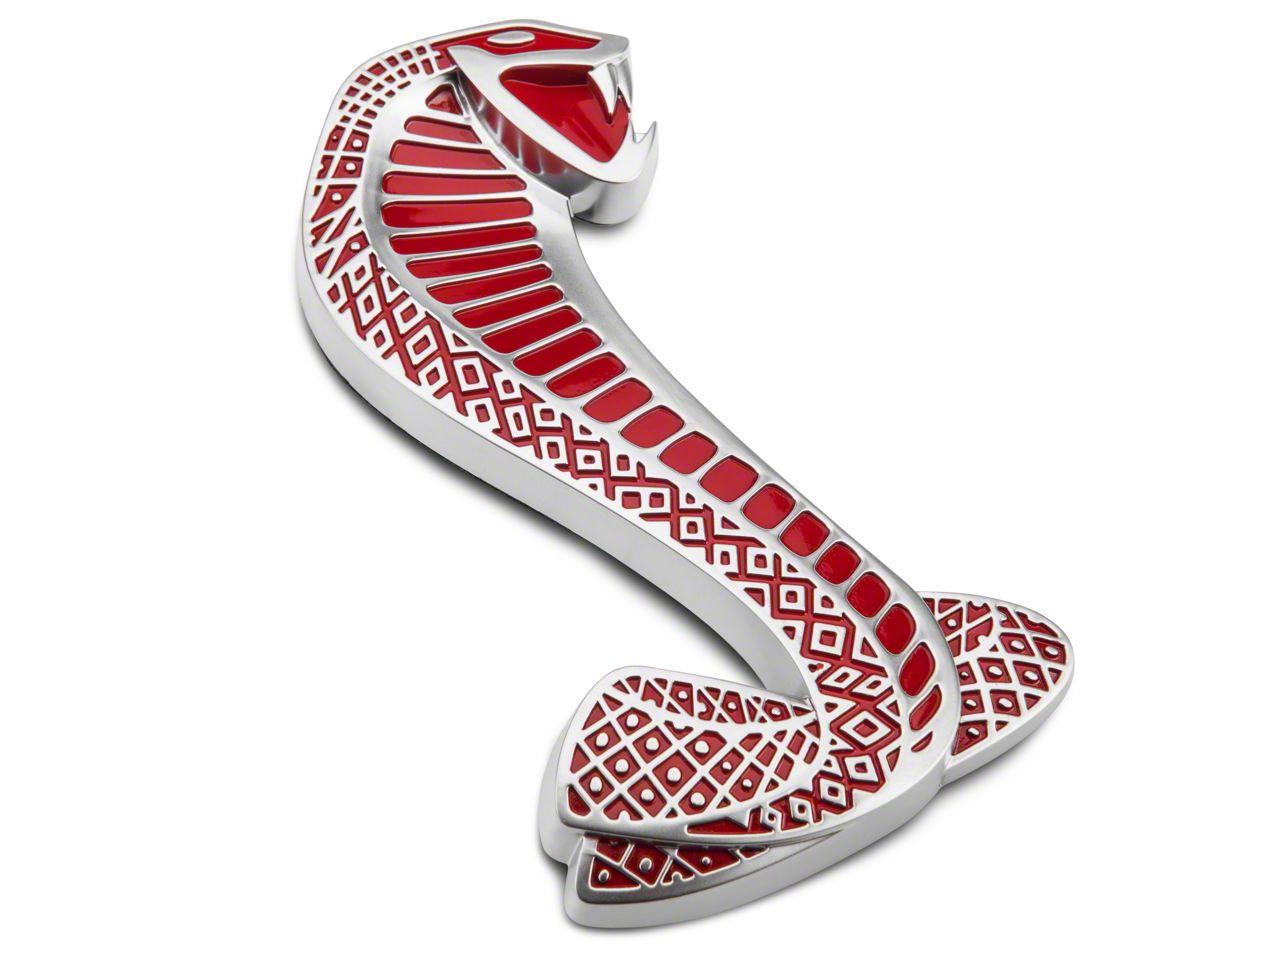 Ford Red GT500 Cobra Snake Fender Emblem - Right Side (07-14 GT500)